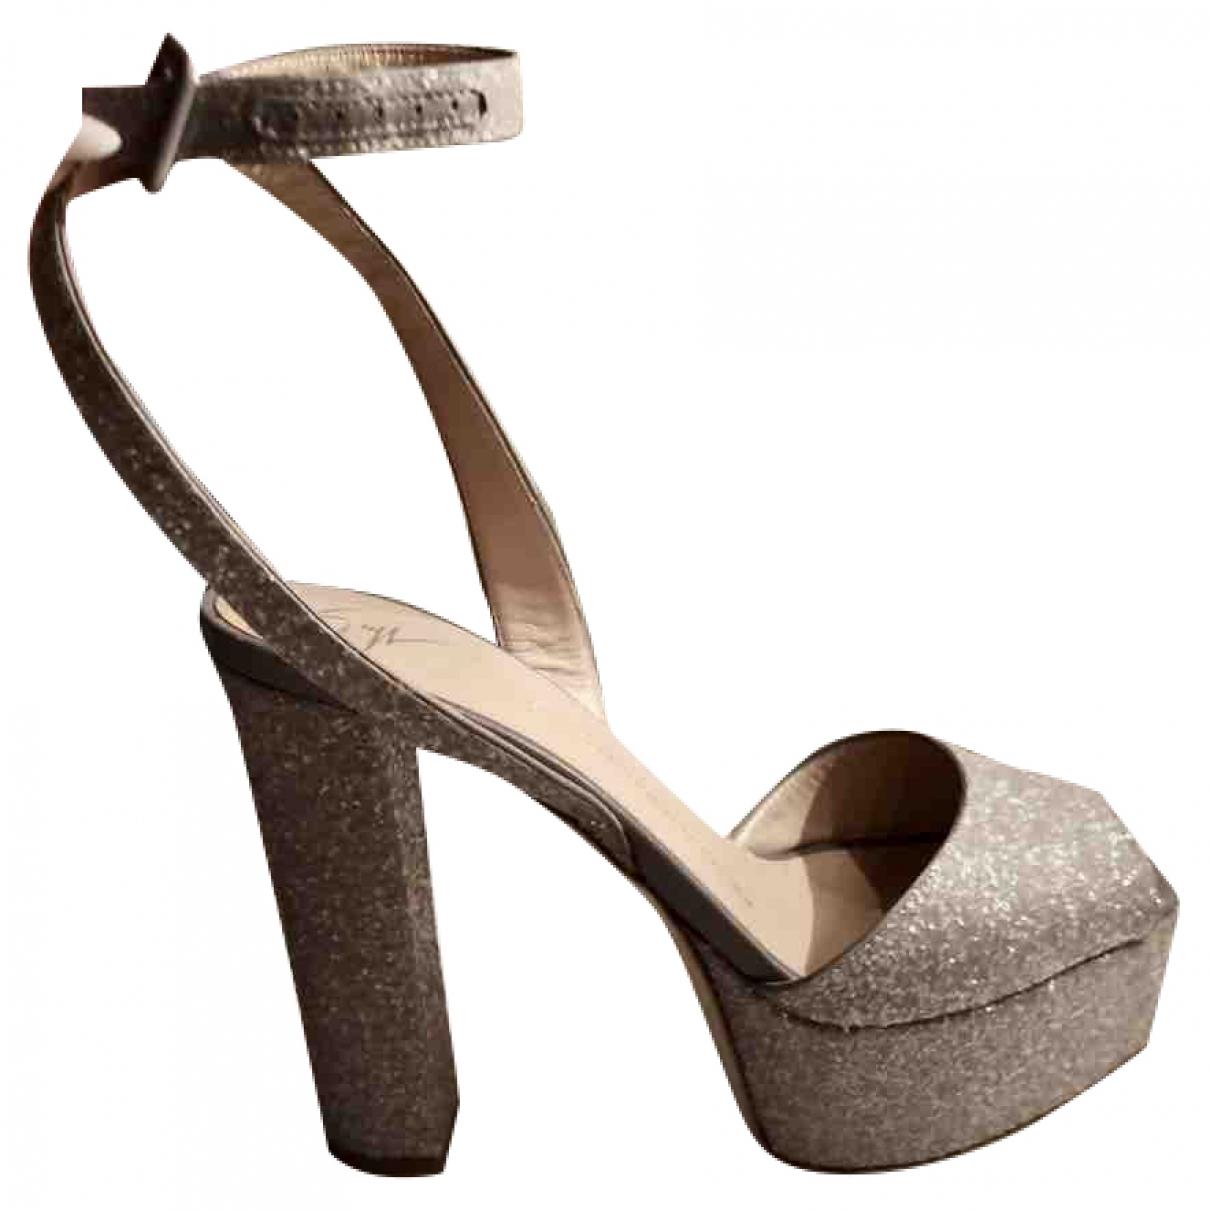 Sandalias de Con lentejuelas Giuseppe Zanotti